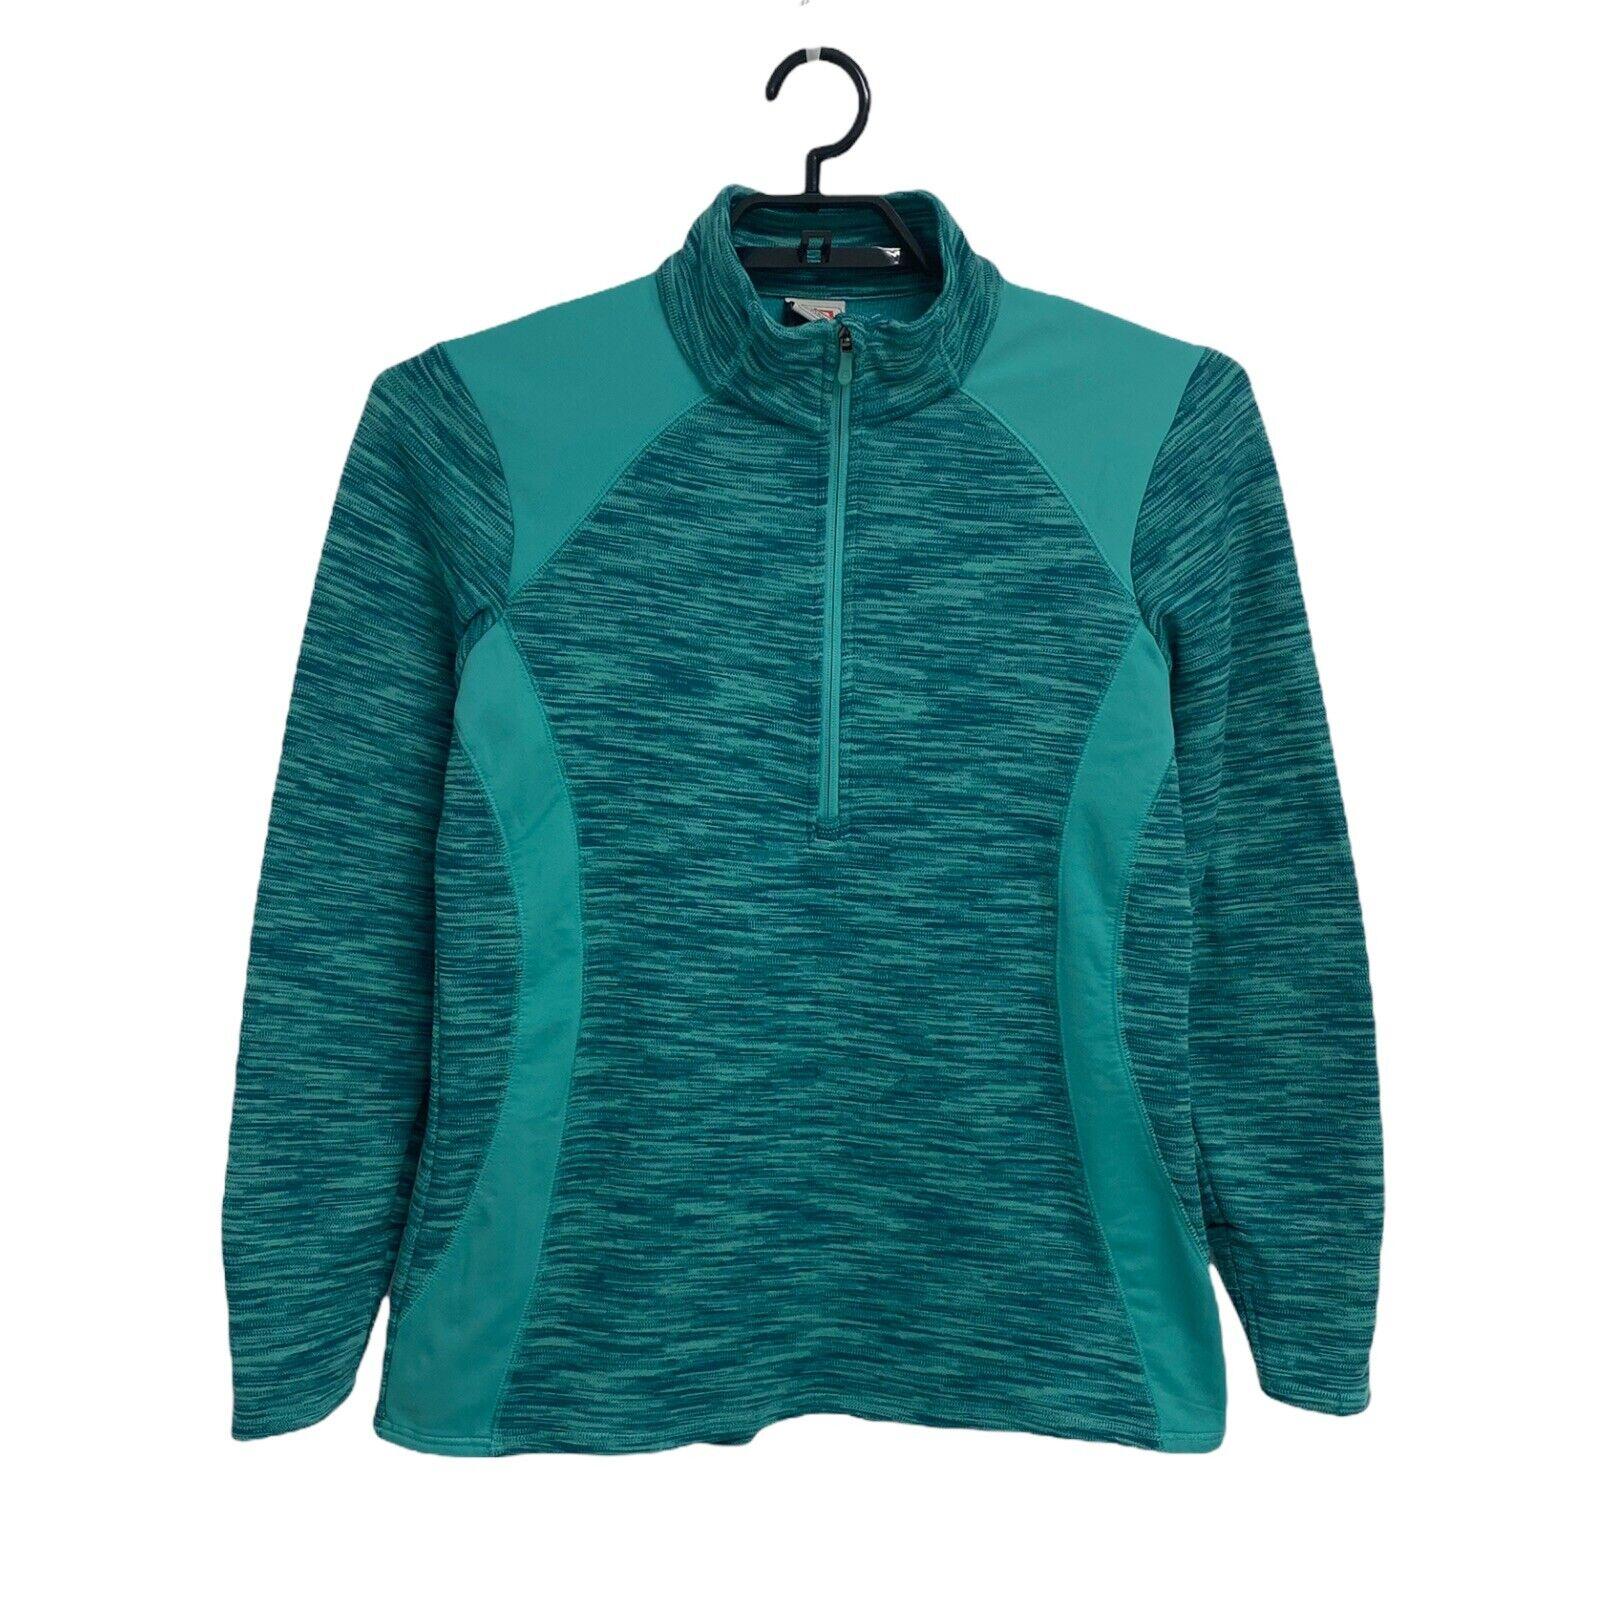 Avalanche Damen Sweatshirt Halb Reißverschluss Vorne Grün Größe XL